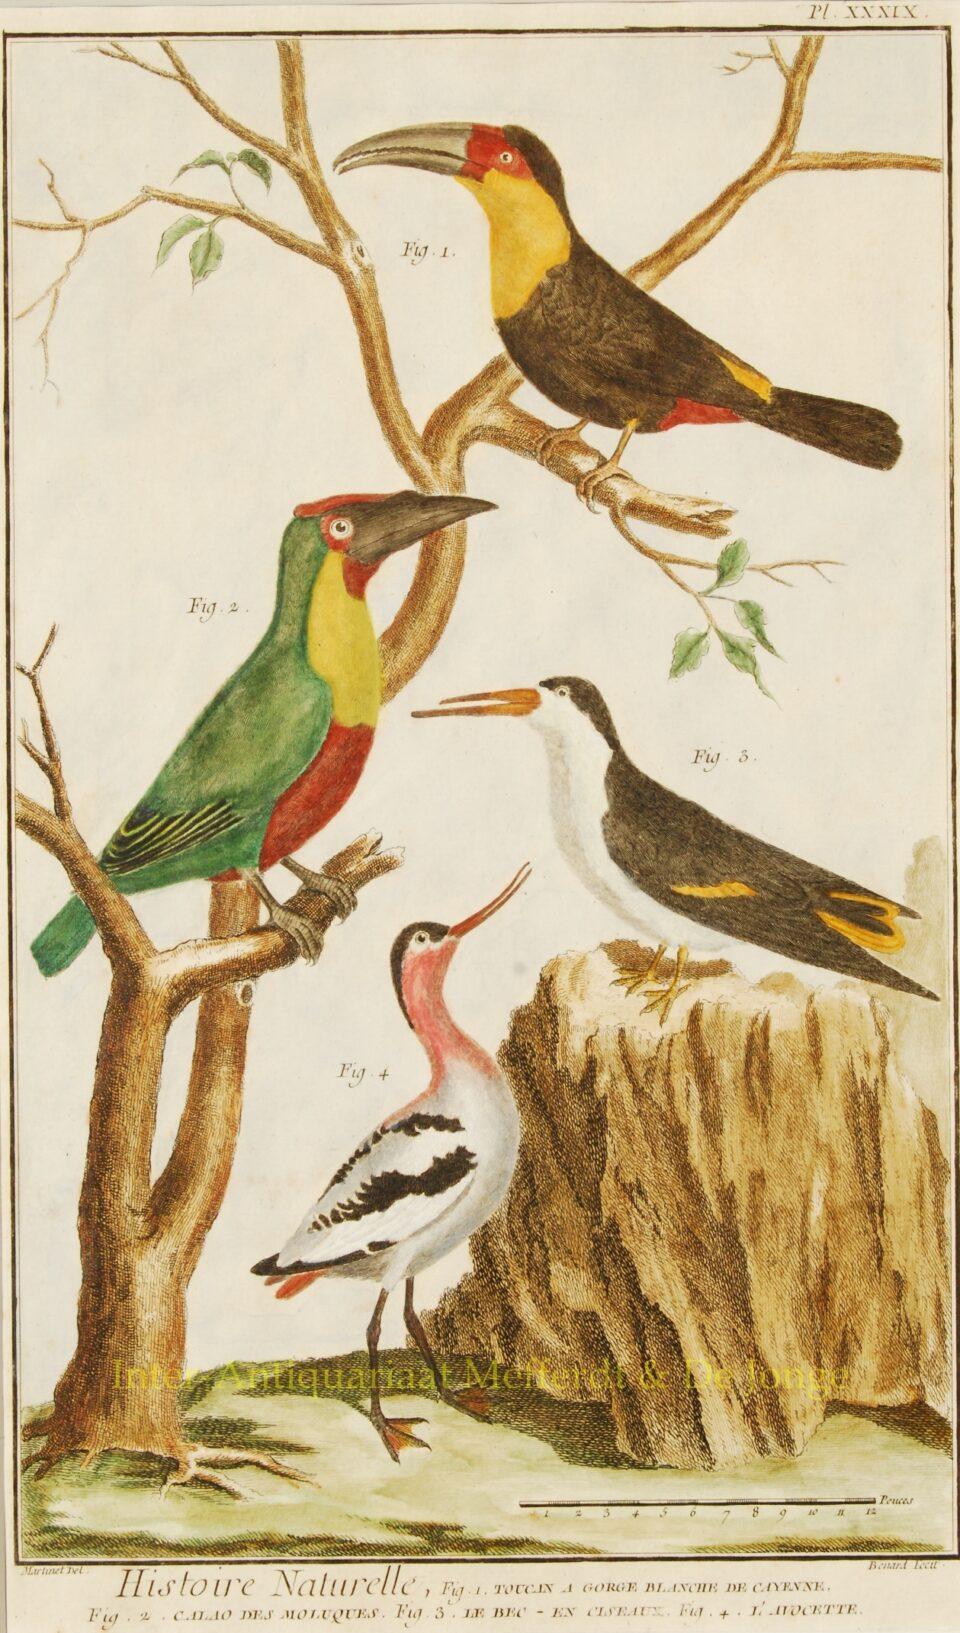 Exotische vogels uit Encyclopedie de Diderot et d'Alembert - 1751-1777